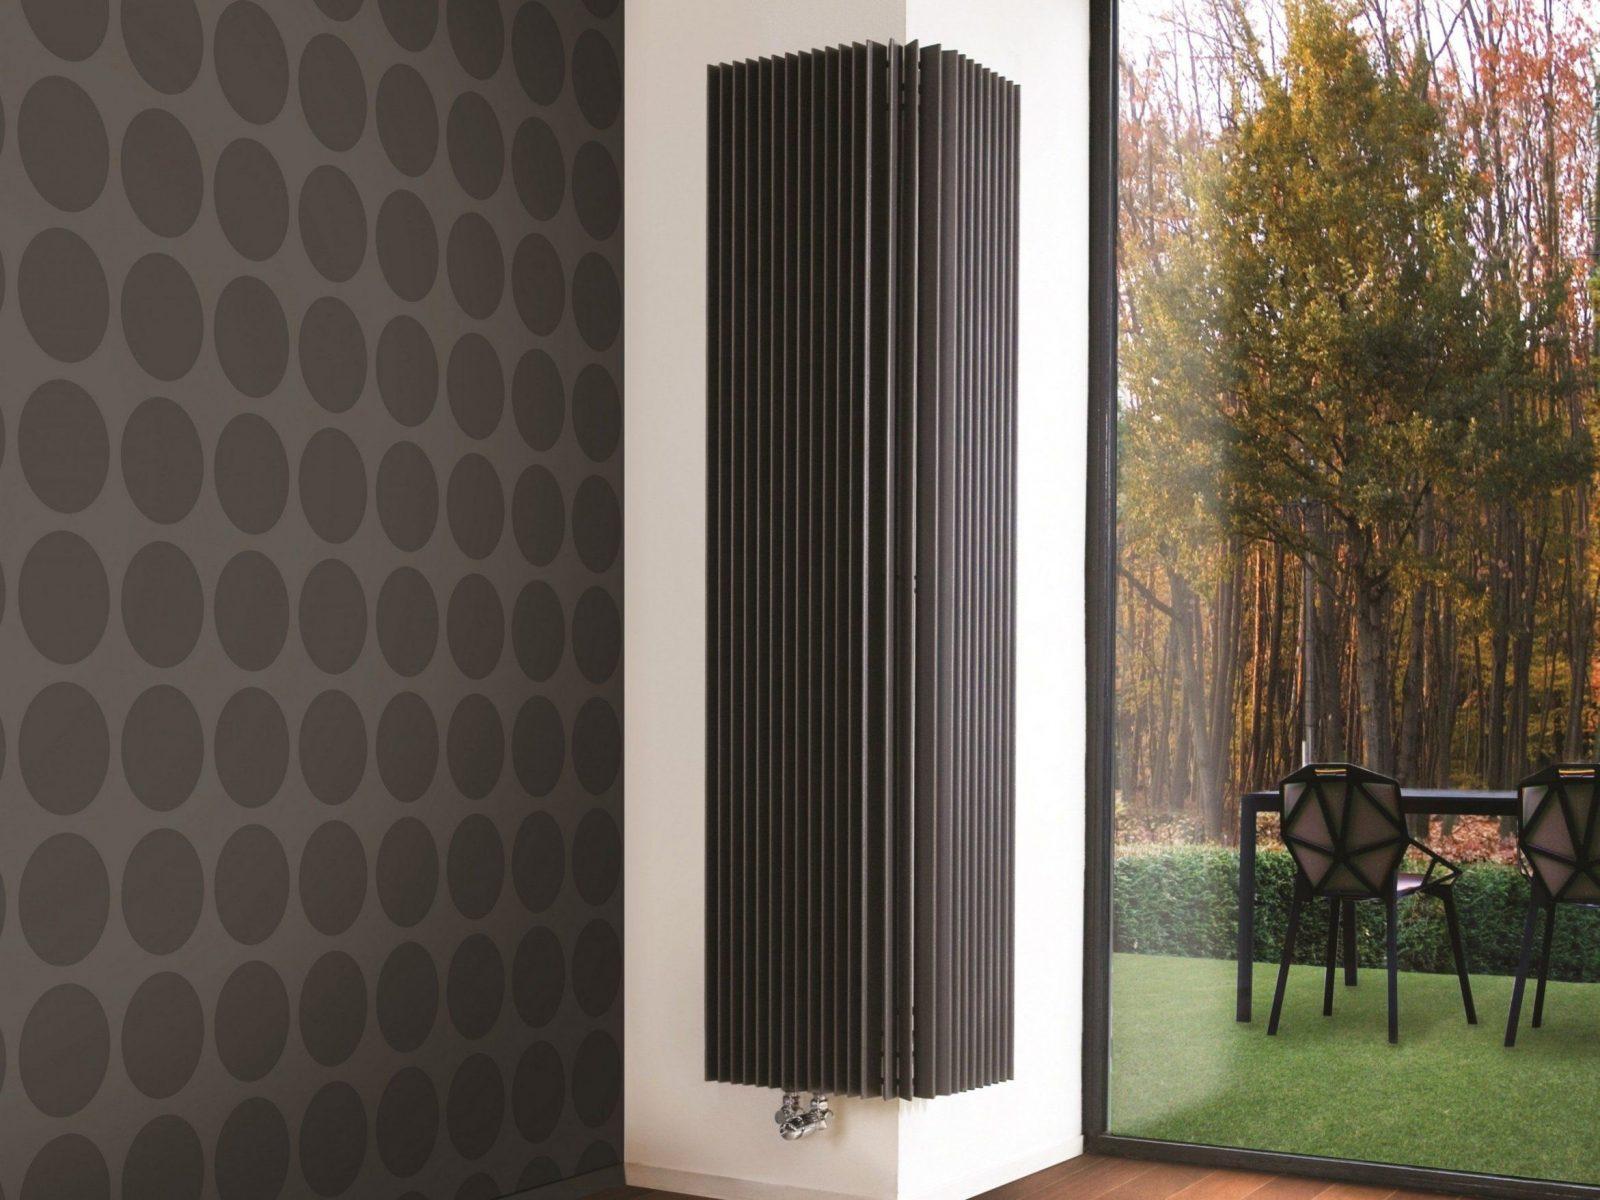 Interessant Design Heizkörper Vertikal Wohnzimmer Best Designer von Schöne Heizkörper Für Wohnzimmer Bild